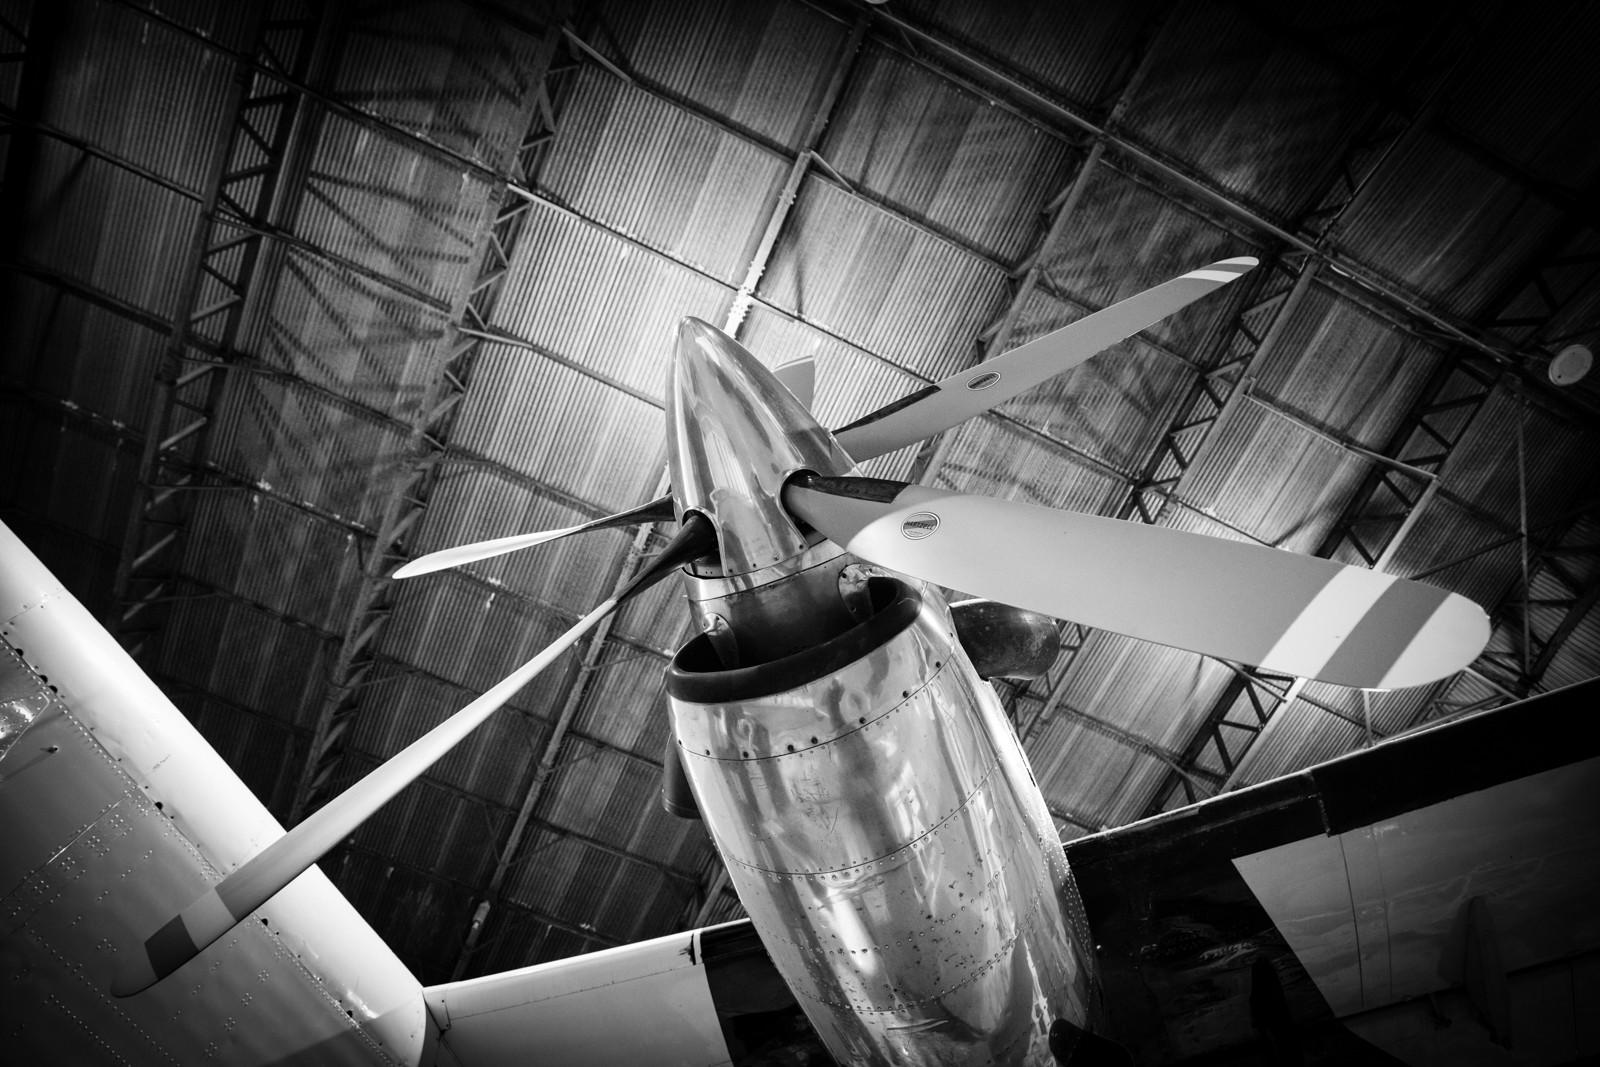 MONO - Propeller by Nigel Bell (10 marks)